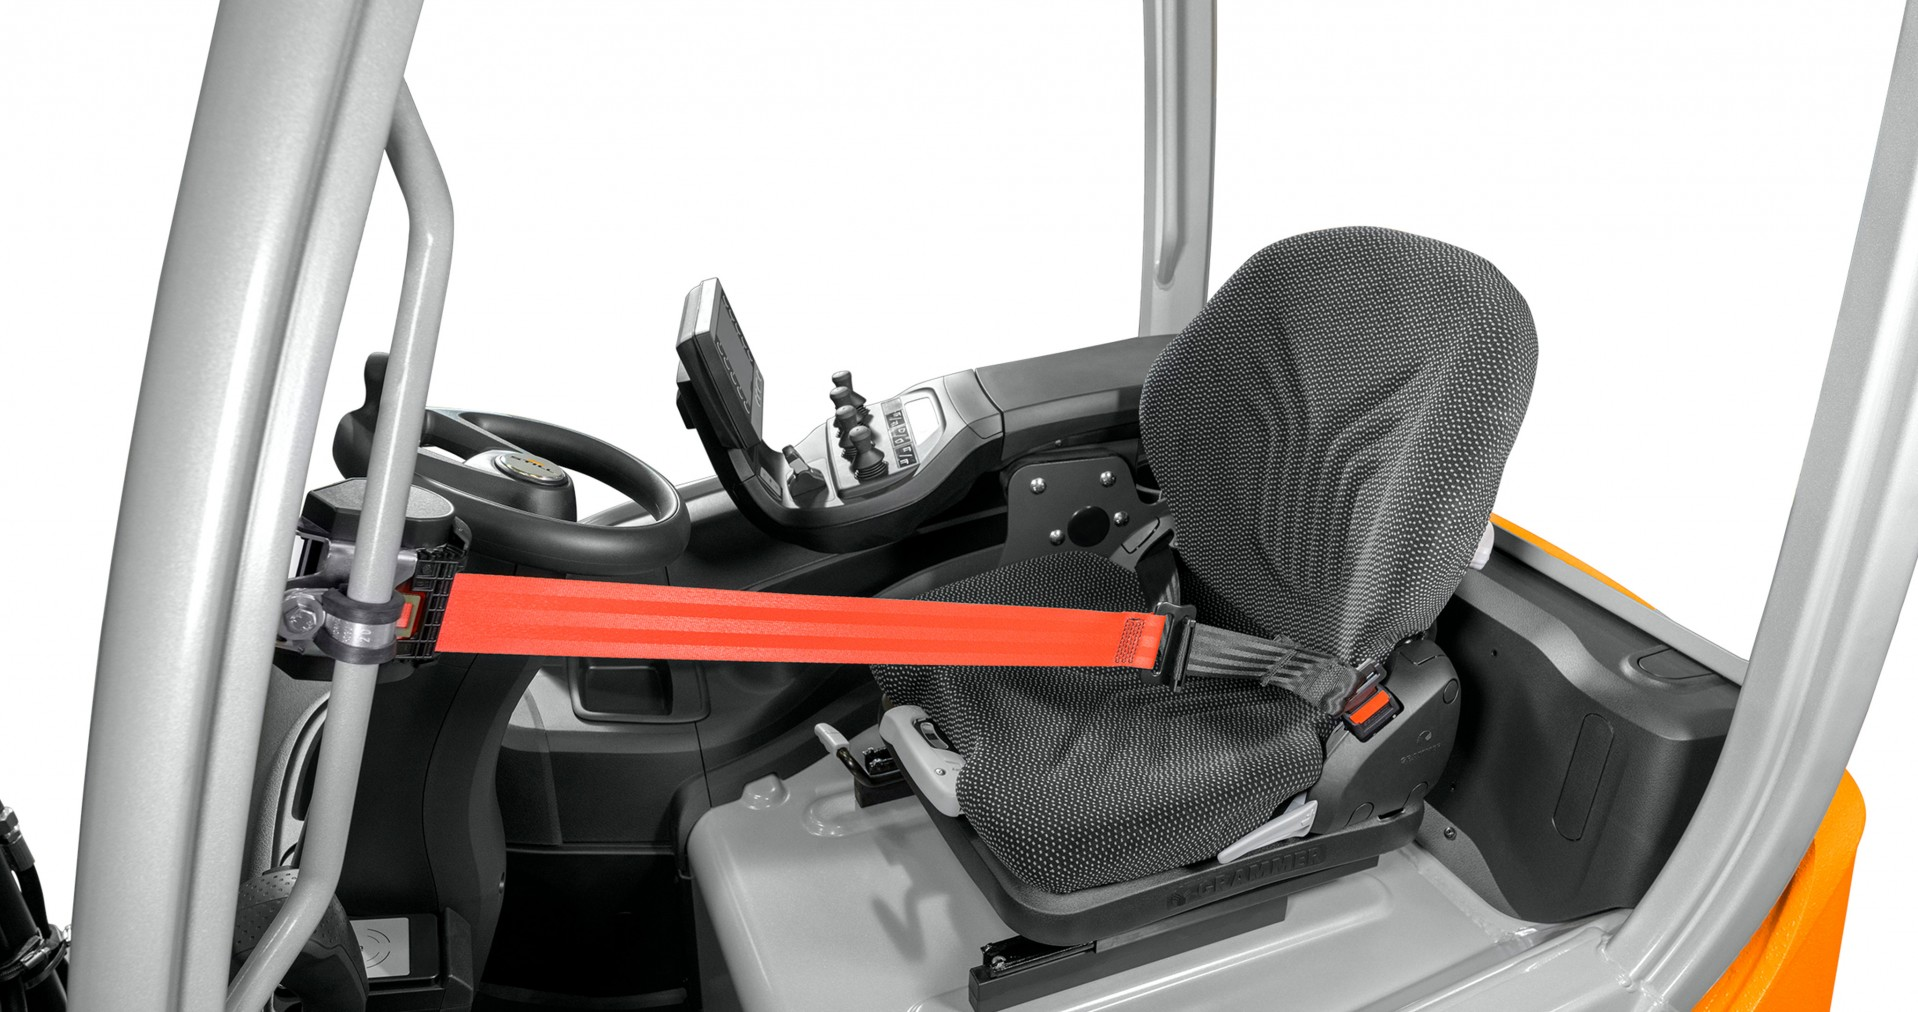 EasyBelt, systèmes de retenue opérateur avec la ceinture de sécurité déjà prétendue en diagonale au-dessus du siège conducteur